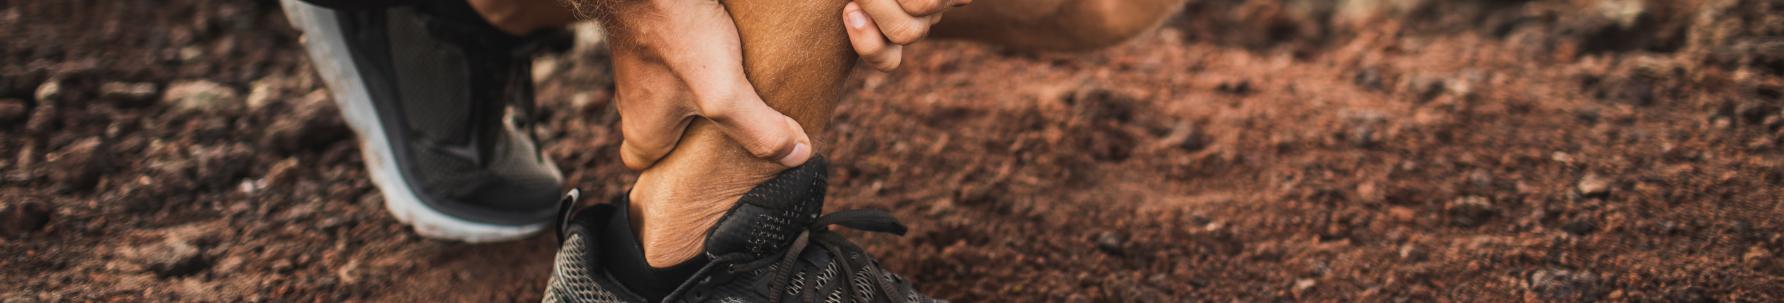 Zapalenie ścięgna Achillesa - biegacz trzymający się za bolące ścięgno.